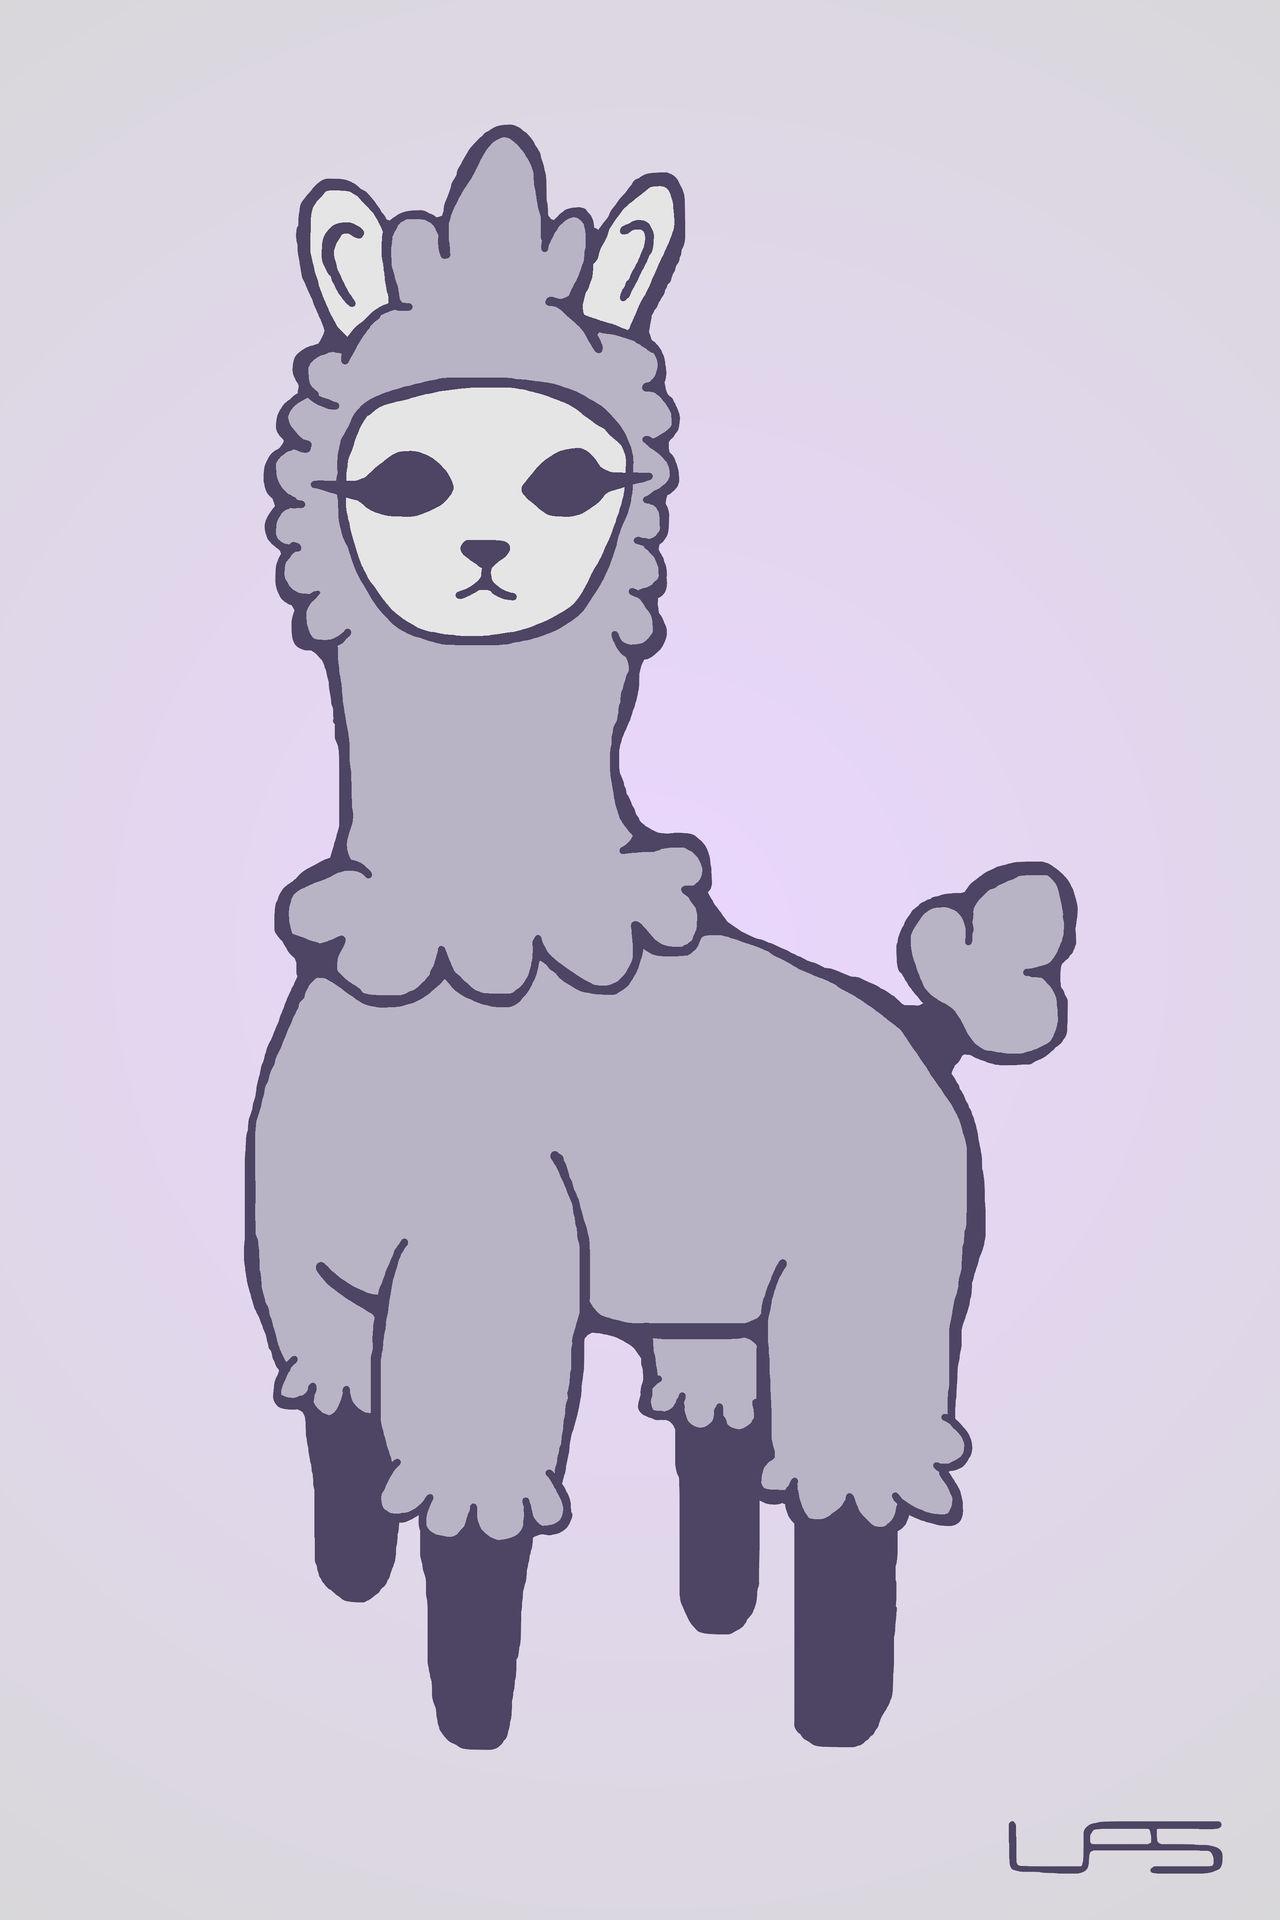 Ghostly Llama of Death